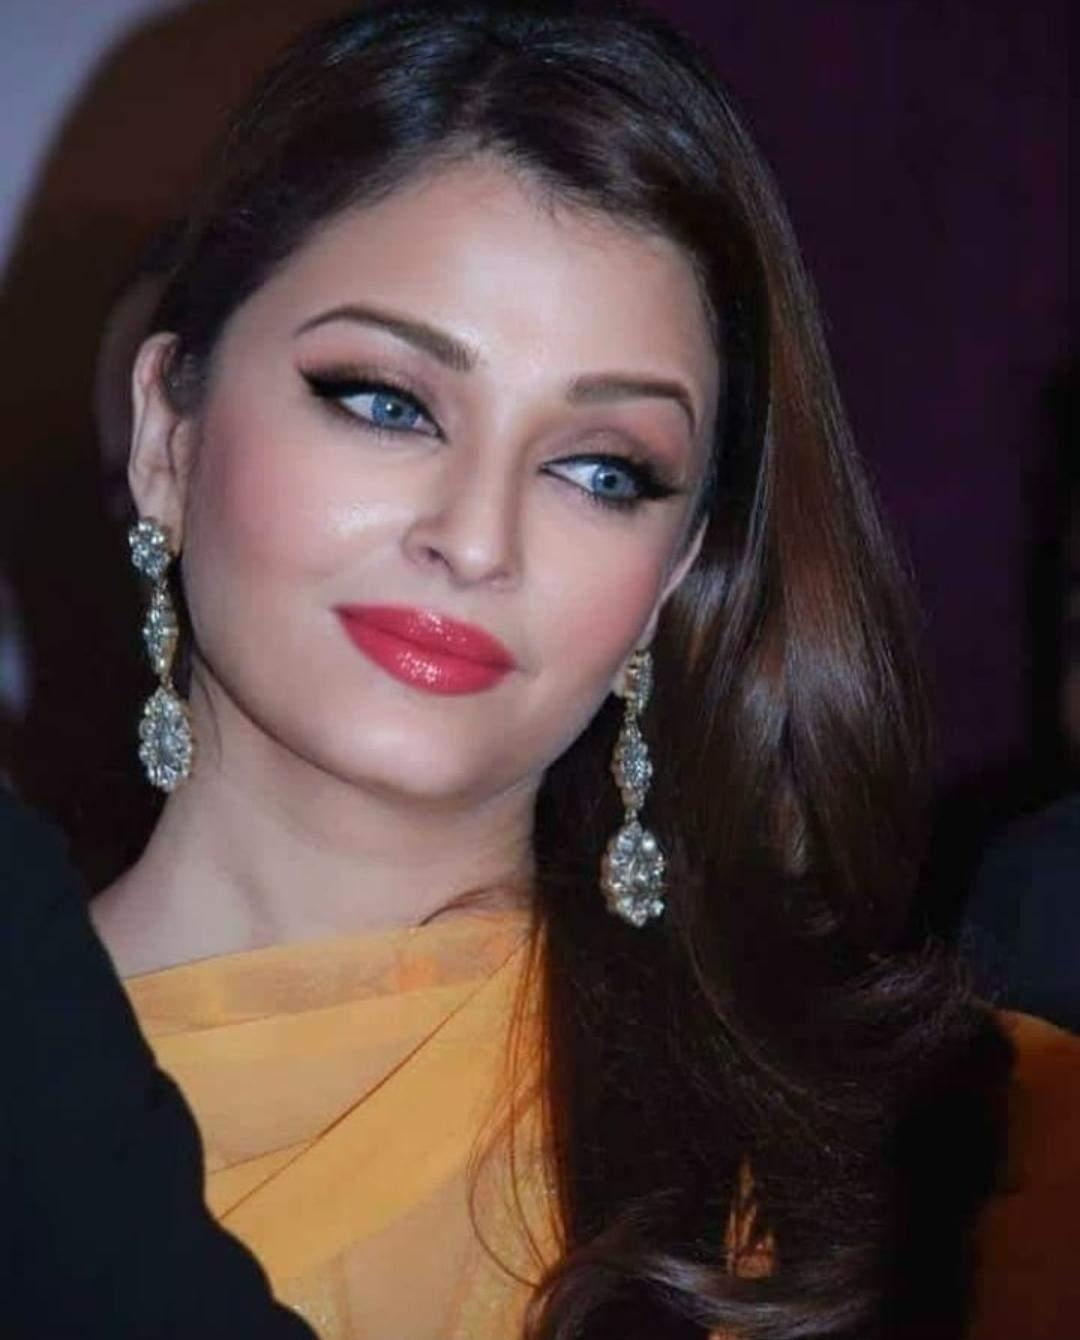 Actriţa indiană Aishwarya Rai Bachchan, diagnosticată cu COVID, a fost spitalizată | techdepo.ro